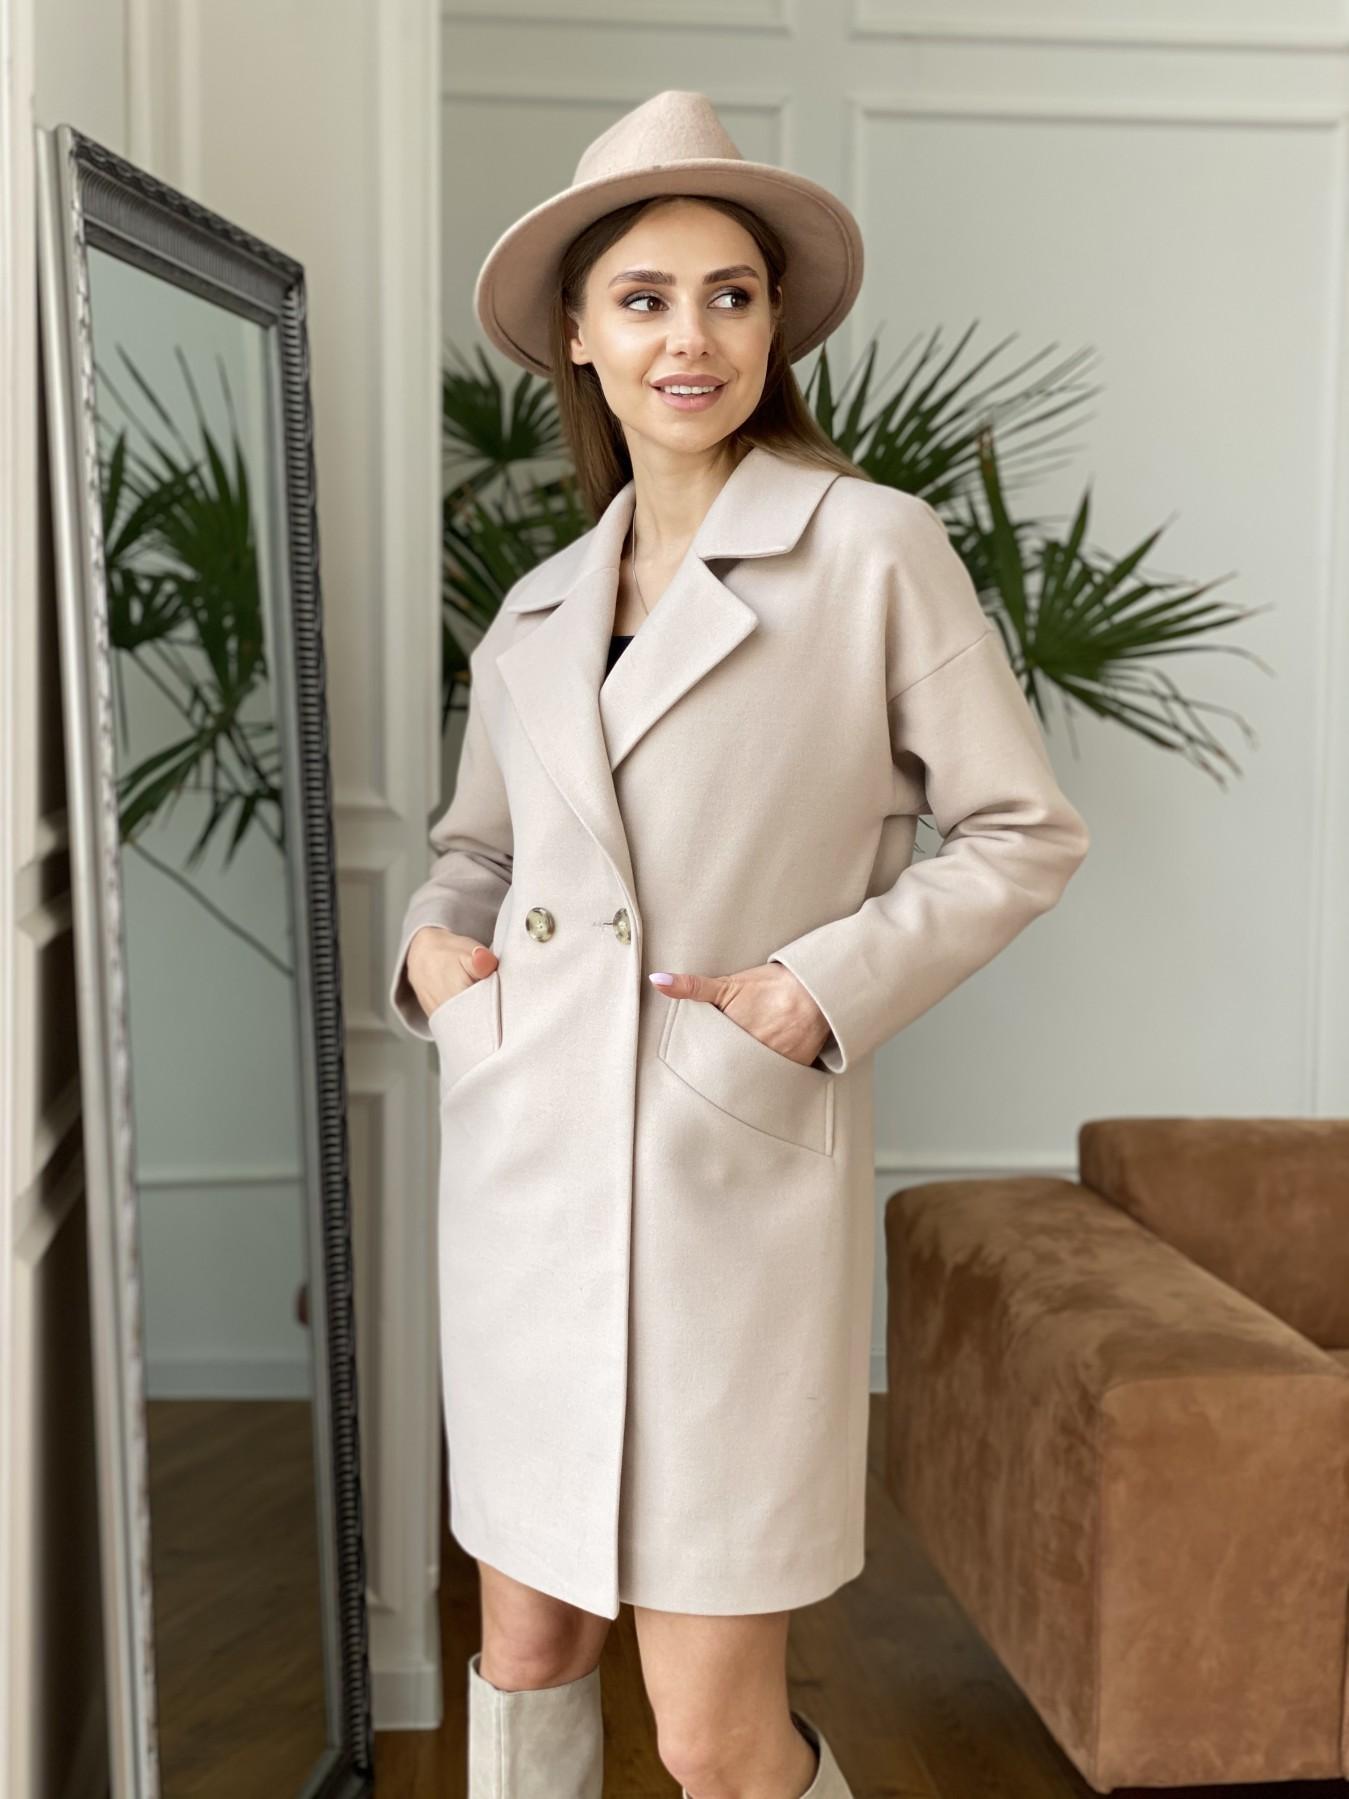 Сенсей пальто  из гладкого кашемира 10905 АРТ. 47373 Цвет: Бежевый - фото 5, интернет магазин tm-modus.ru